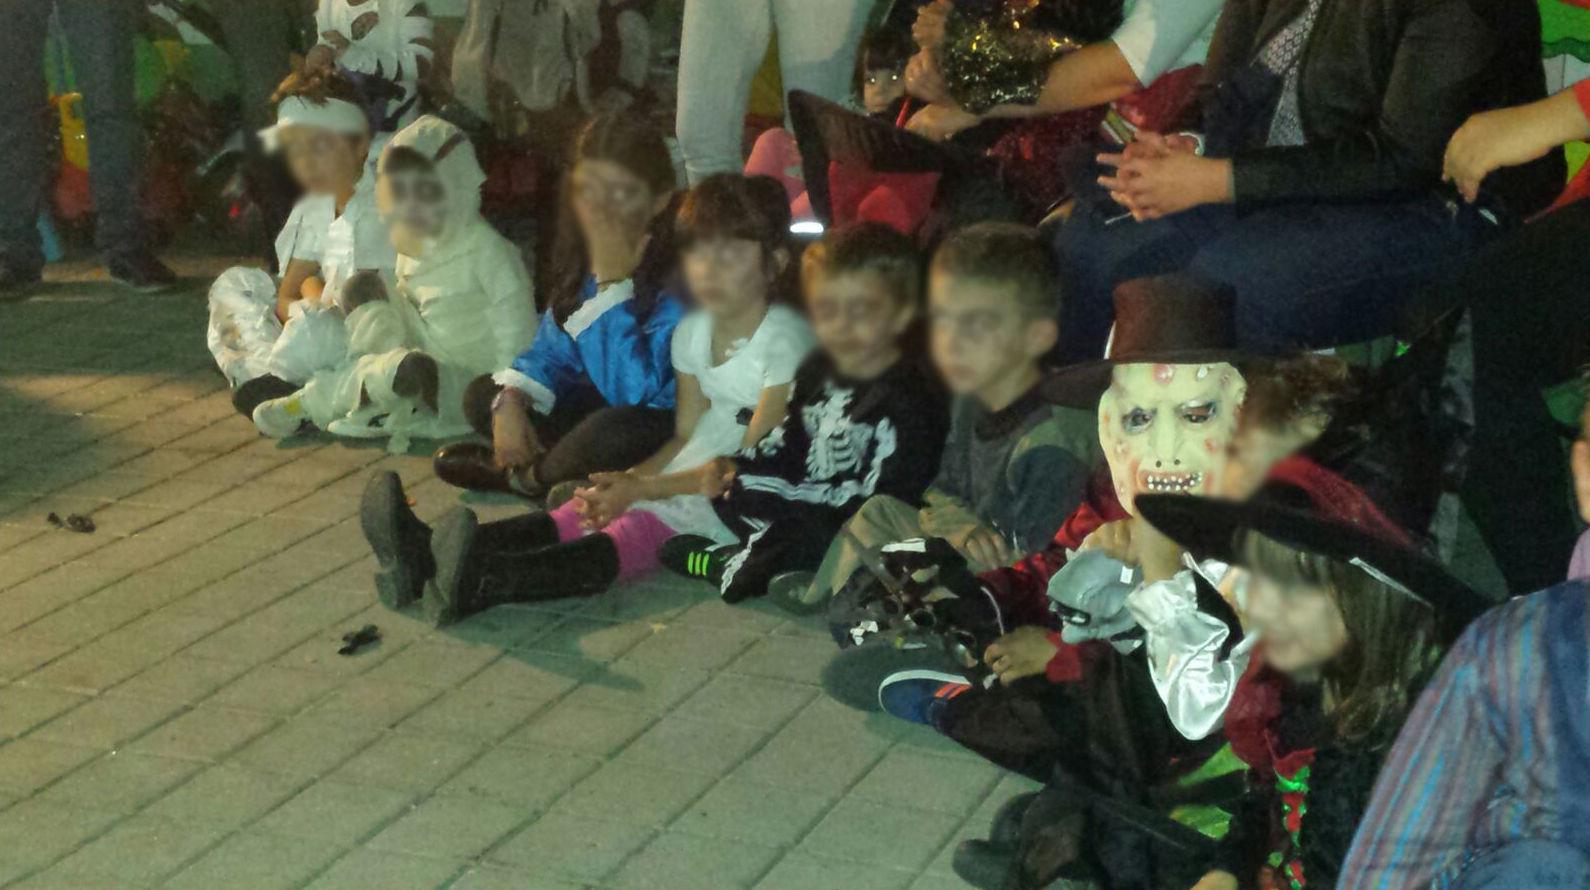 Fiesta de Halloween en Torrejón de Ardoz